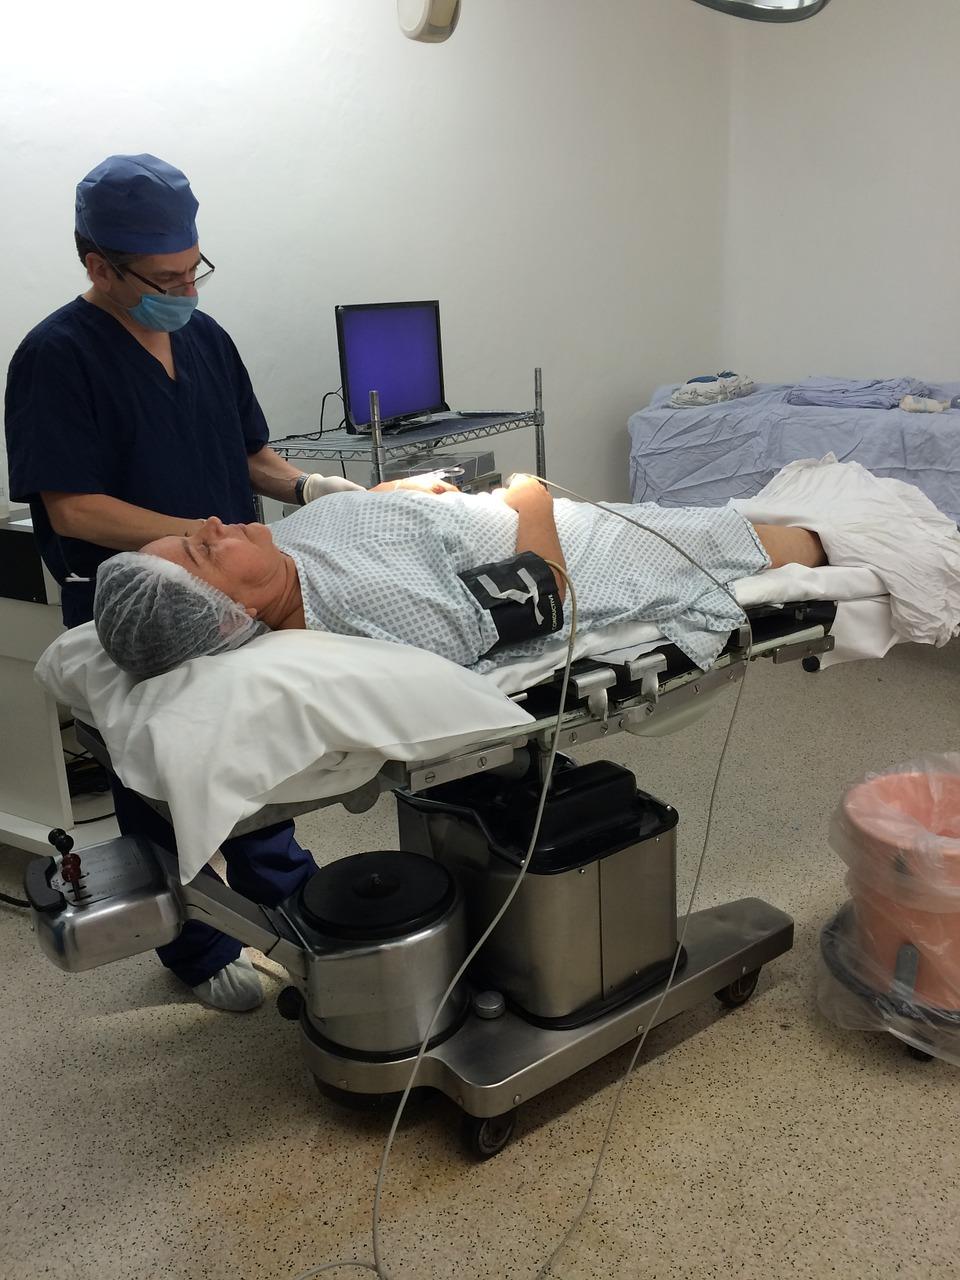 Procédure Rafaelo, une approche novatrice pour traiter les hémorroïdes